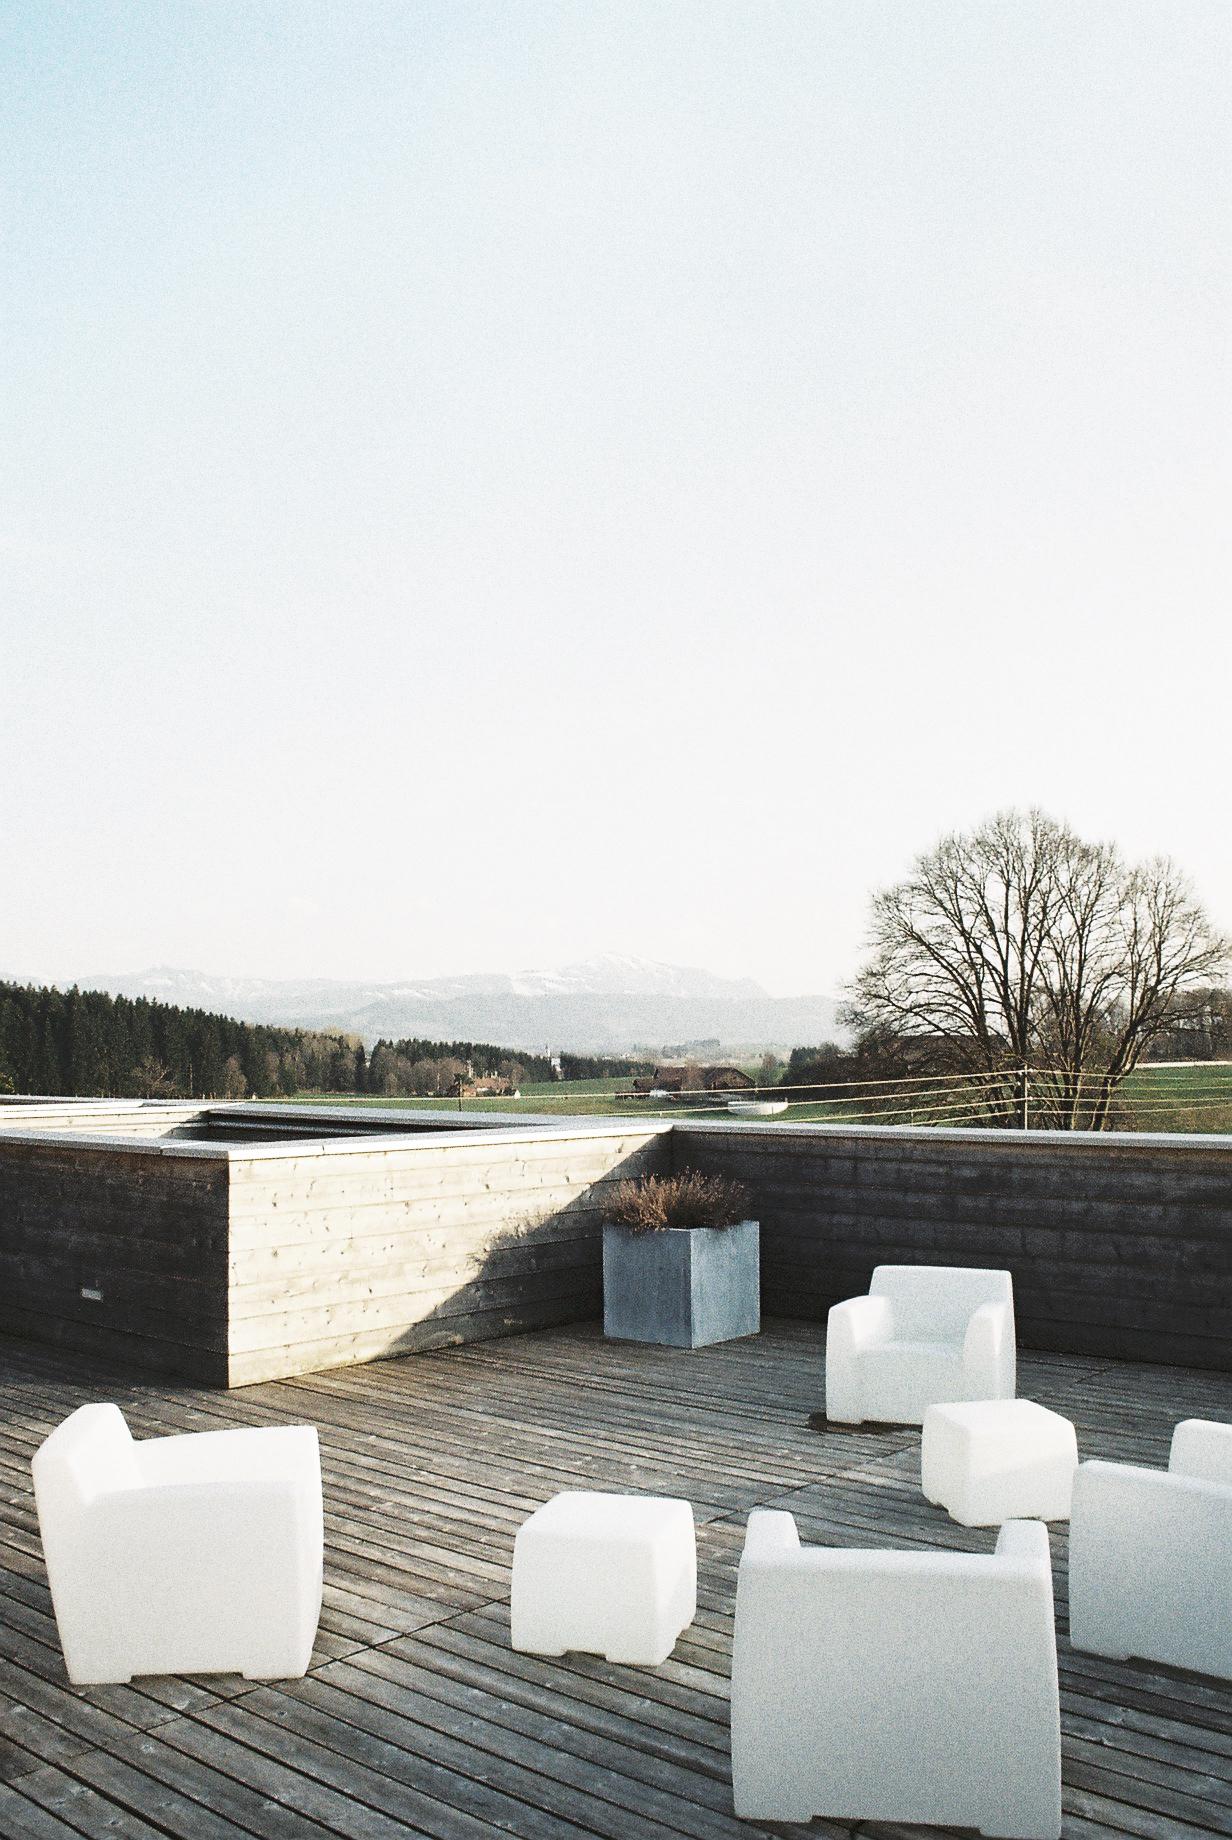 Michael-Becker-Architects-Architekten-Haus-g-03.2